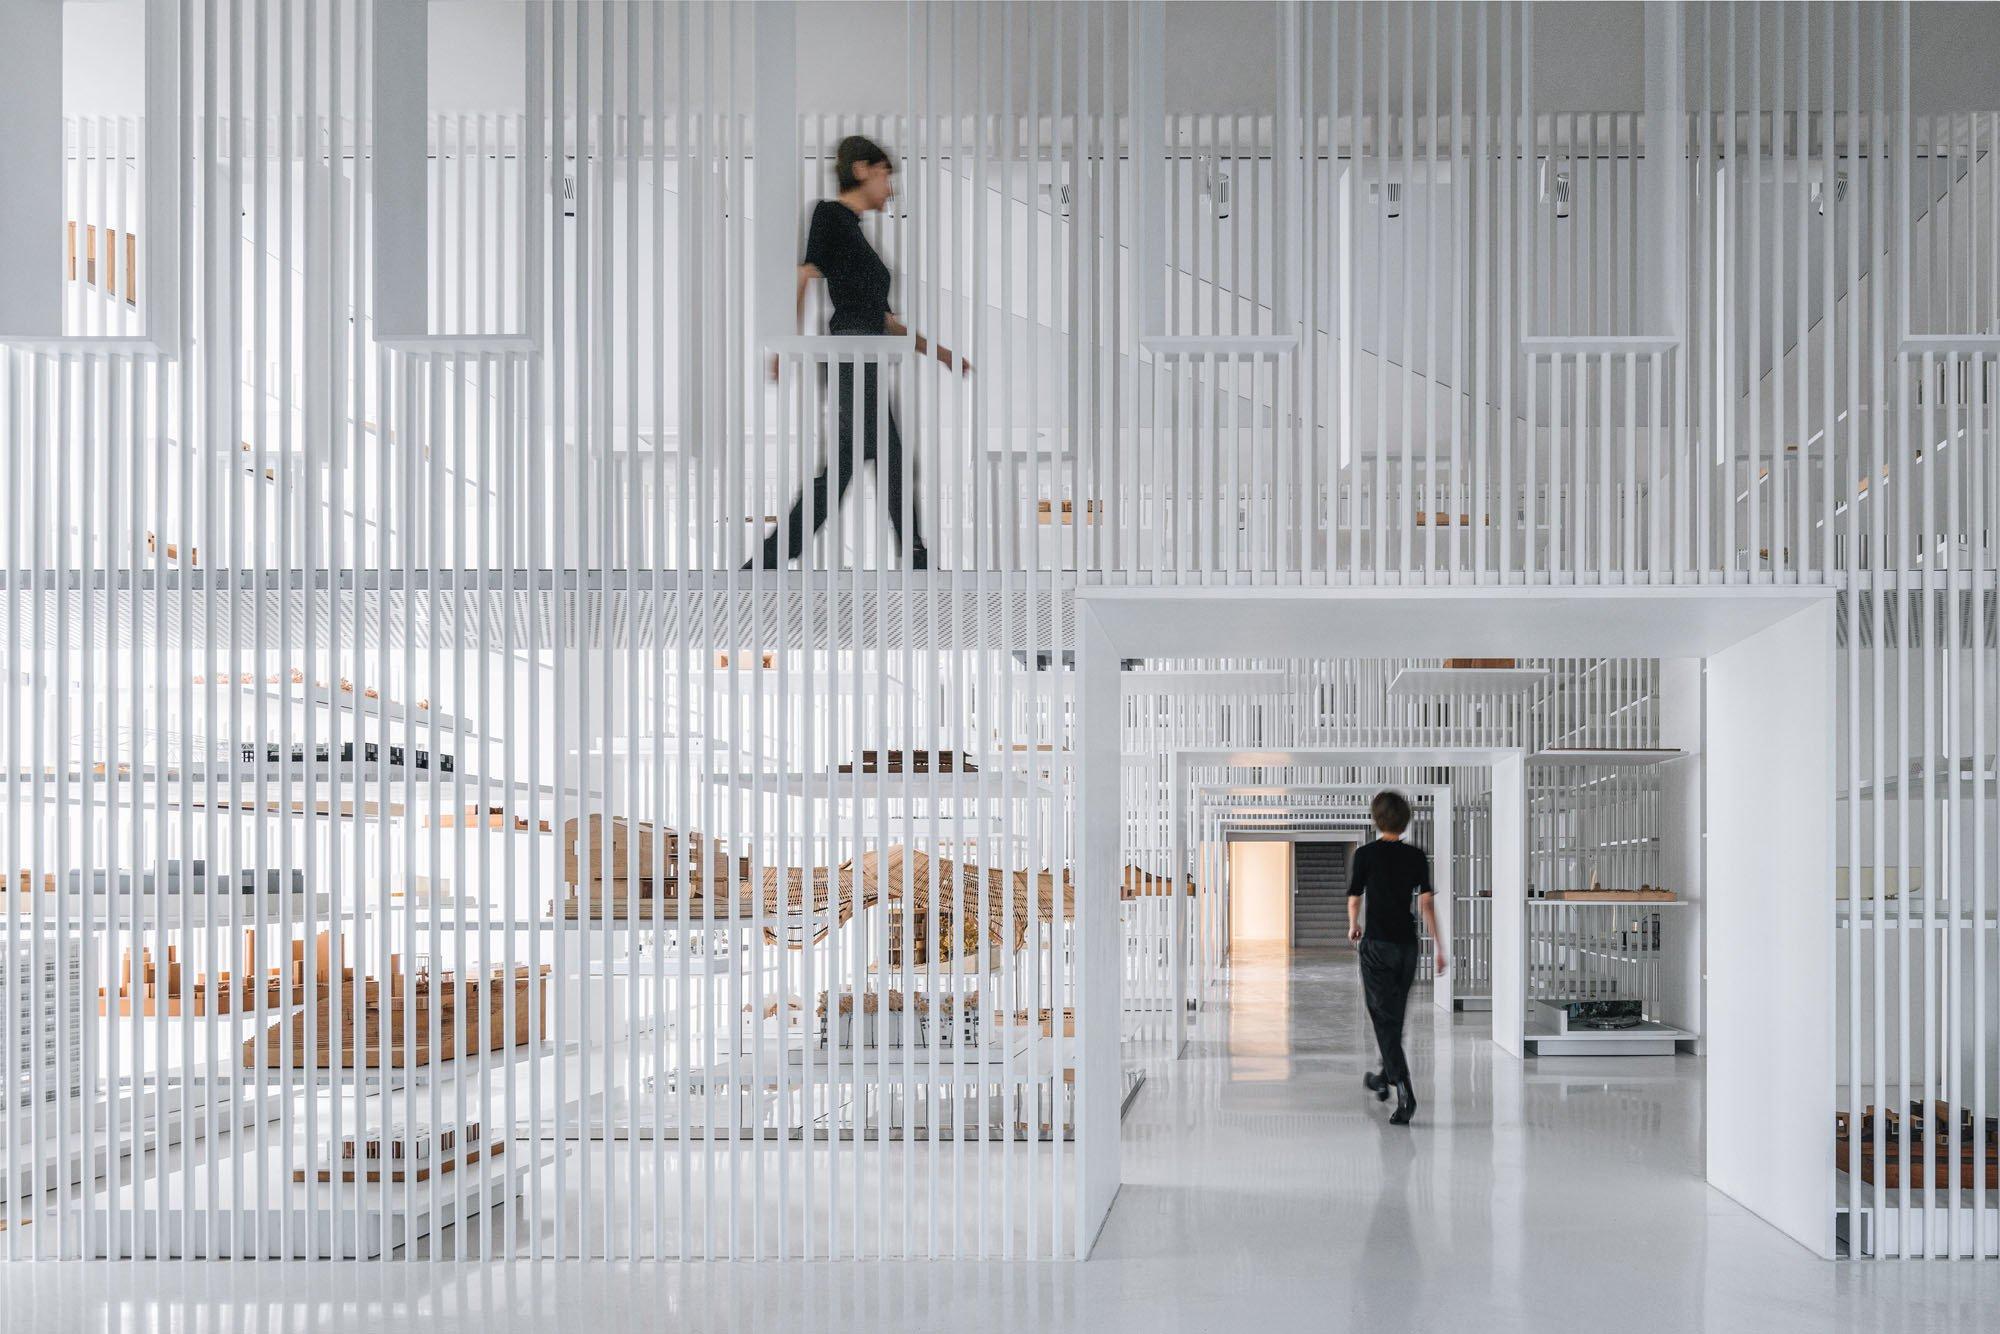 In Shanghai hat das erste chinesische Museum für Architekturmodelle eröffnet. Die Innenraumgestaltung stammt von Yu Ting und seinem vor Ort ansässigen Büro Wutopia Lab.